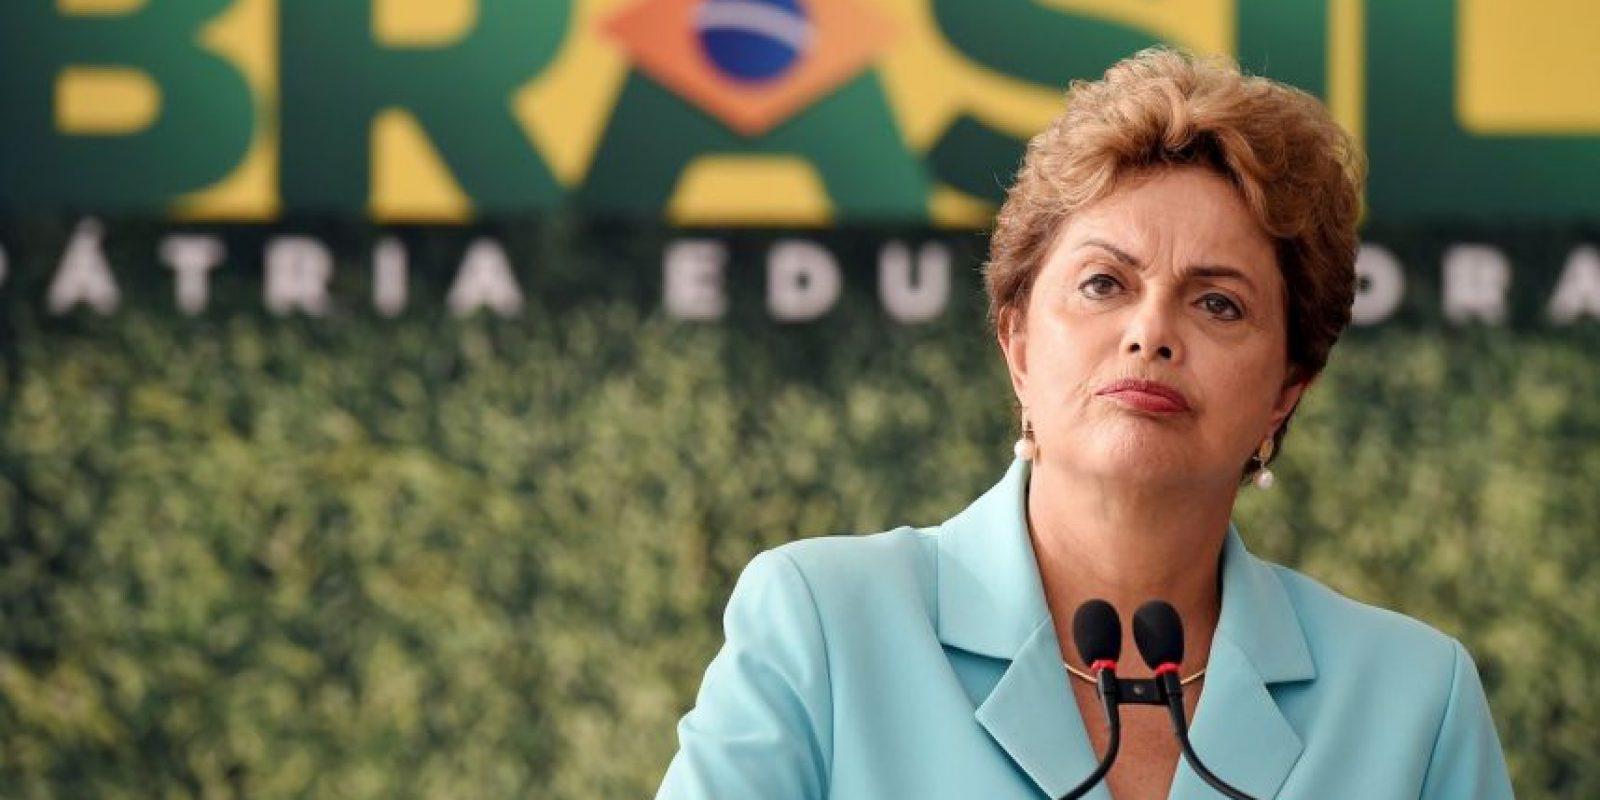 Rechazó las acusaciones que la involucran con casos de corrupción en Petrobras Foto:AFP